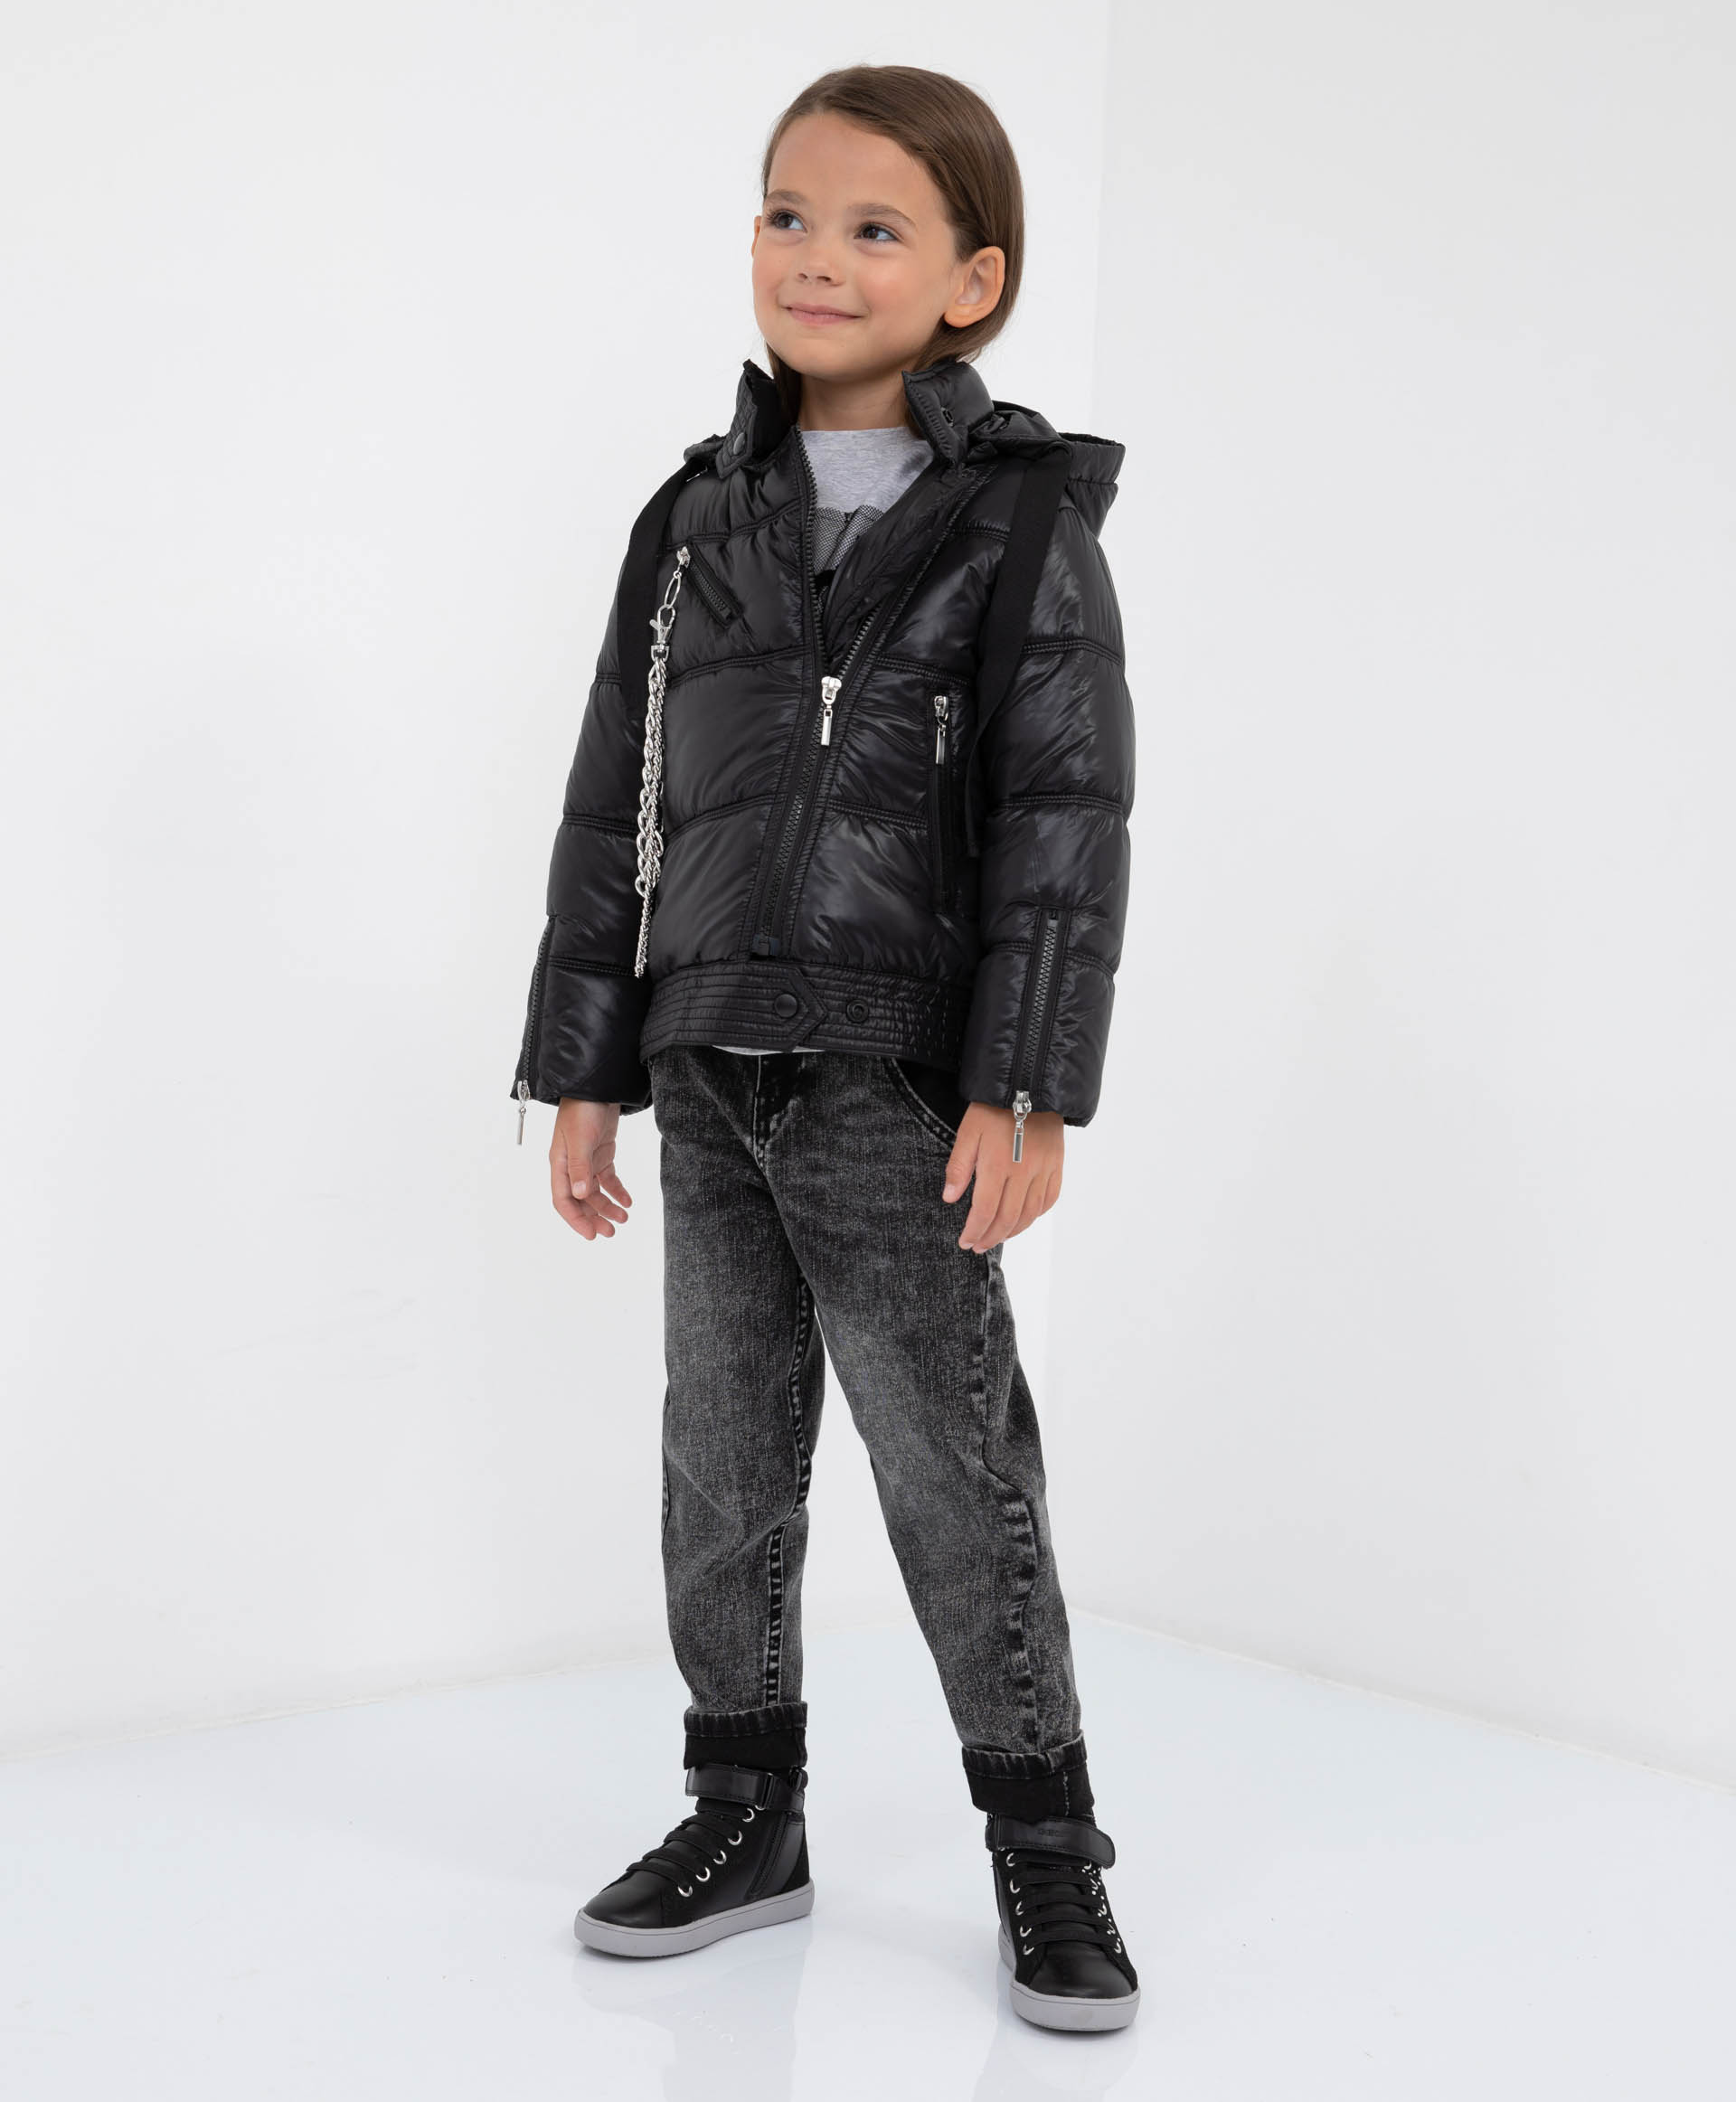 Купить 22101GMC4102, Куртка демисезонная с капюшоном Gulliver, черный, 128, Полиэстер, Женский, Демисезон, ОСЕНЬ/ЗИМА 2021-2022 (shop: GulliverMarket Gulliver Market)